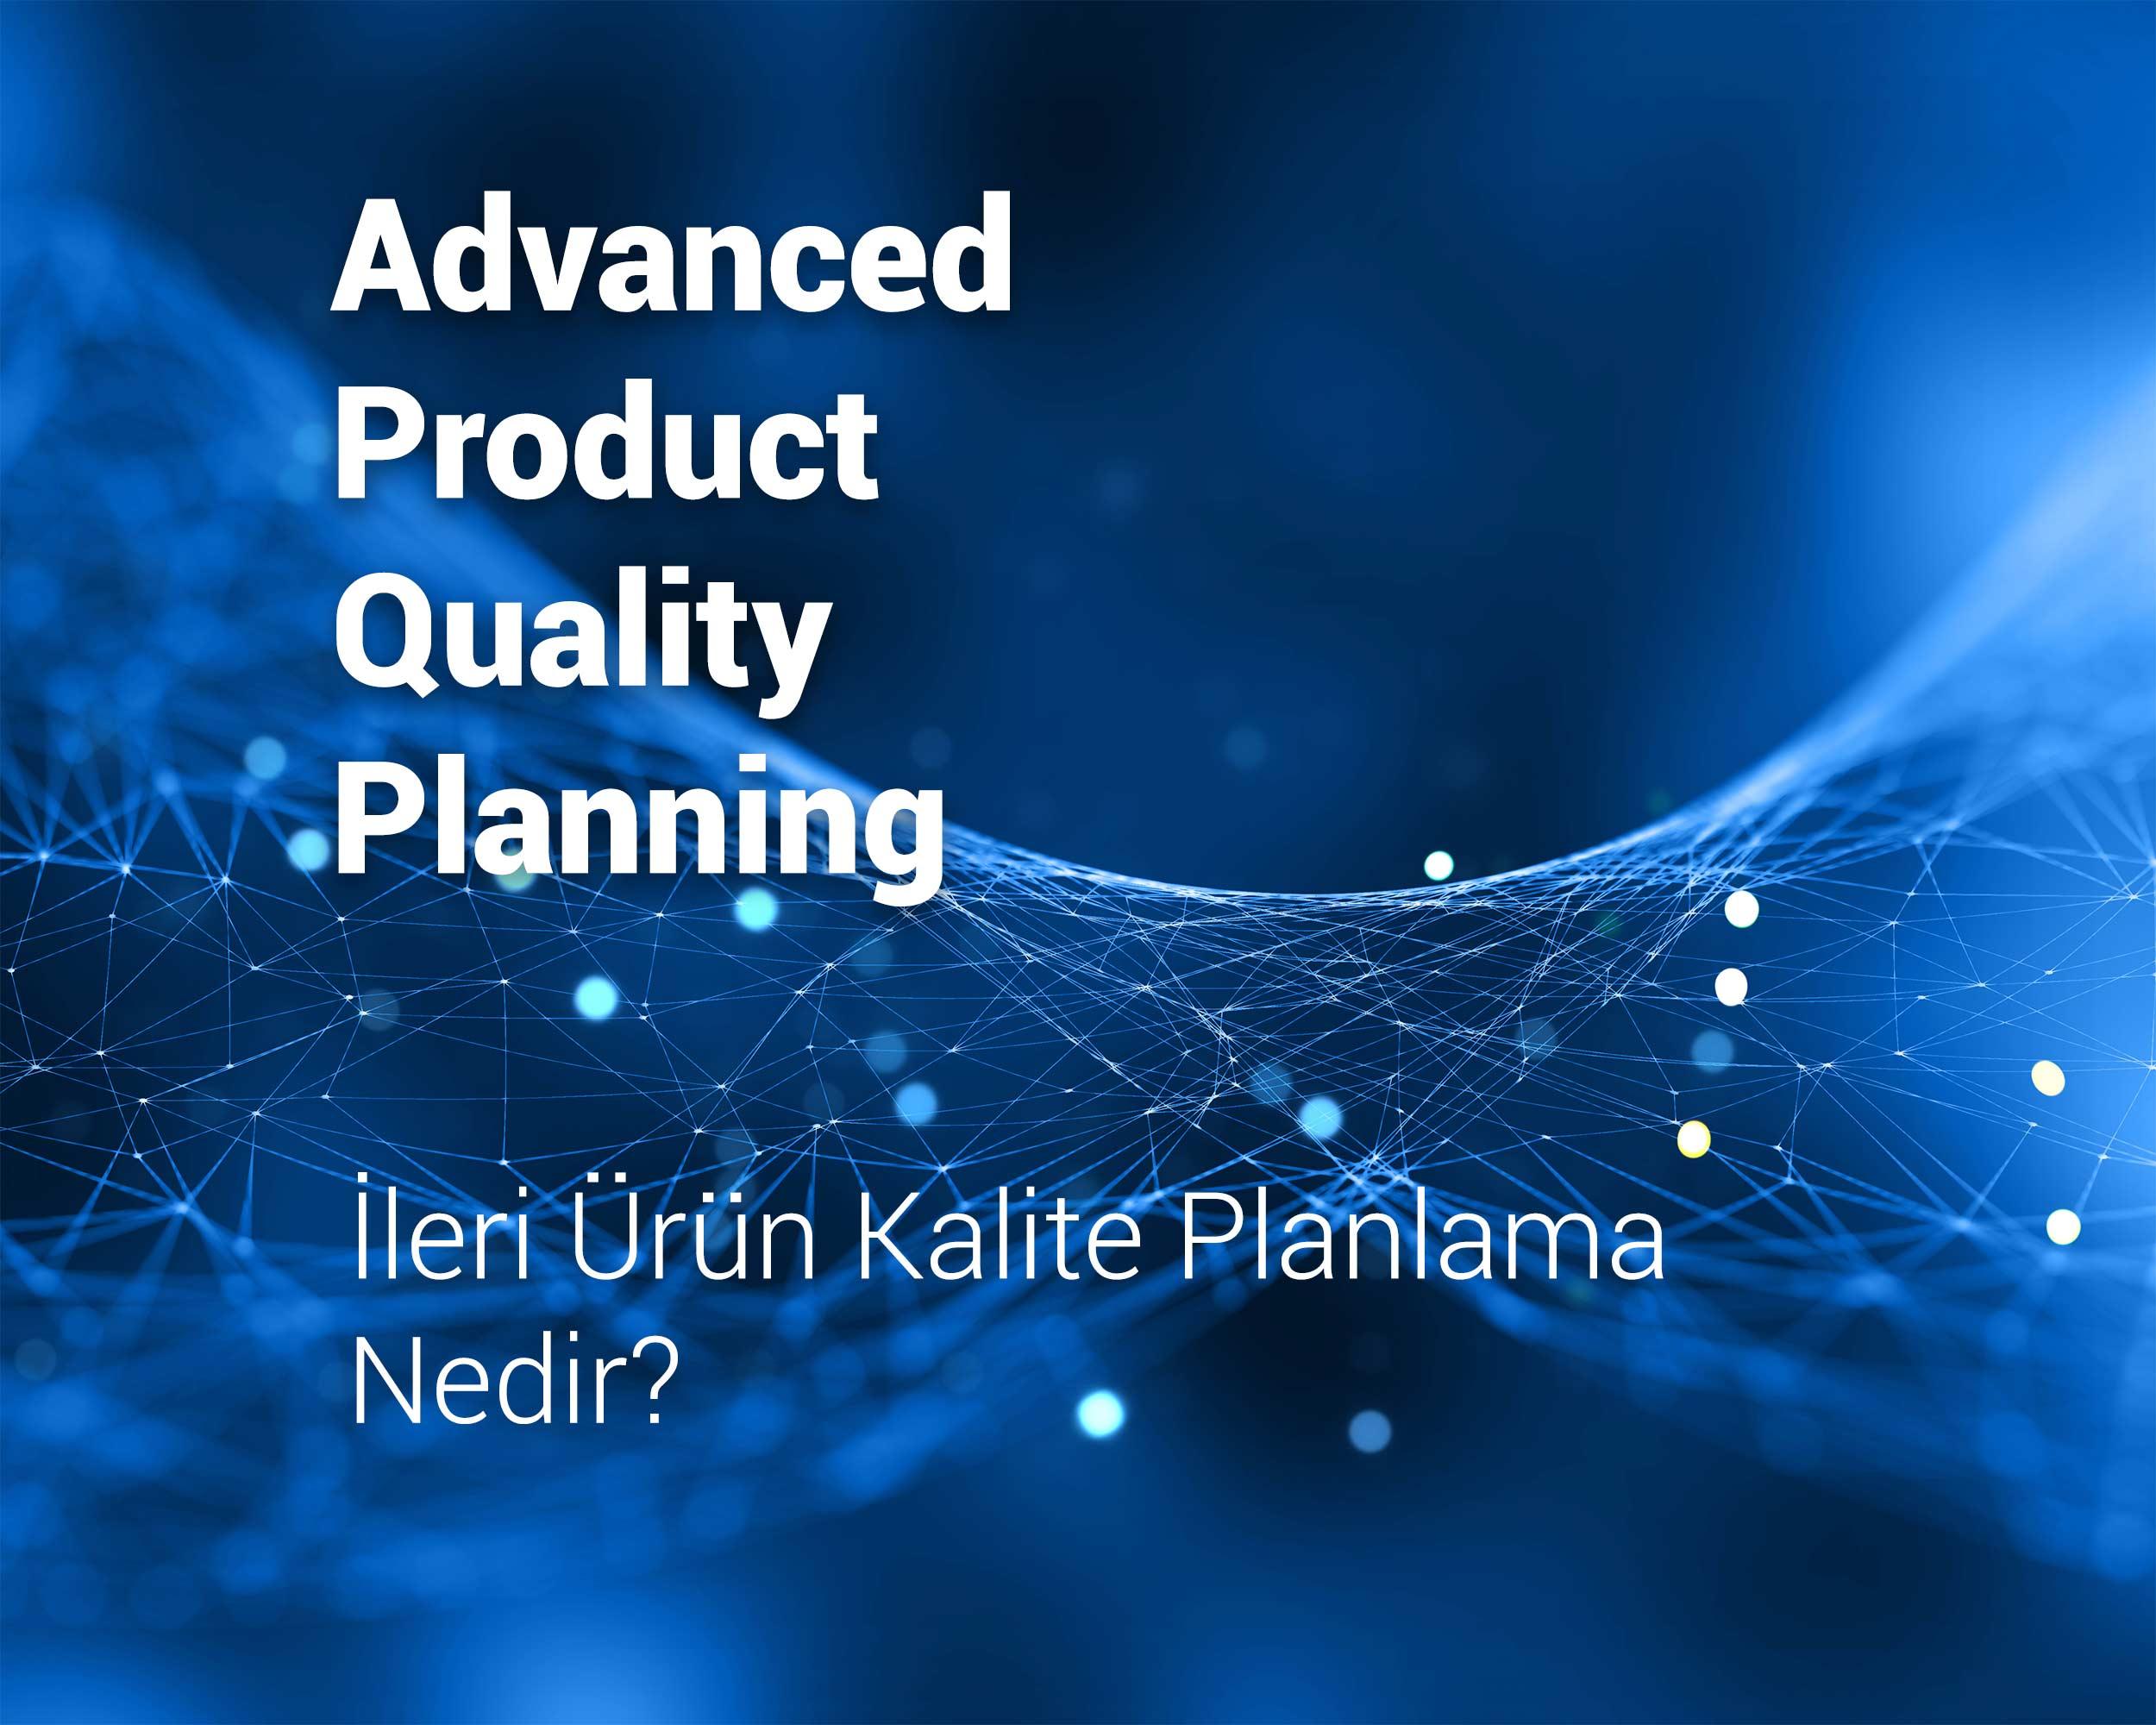 APQP Eğitimi – İleri Ürün Kalite Planlaması